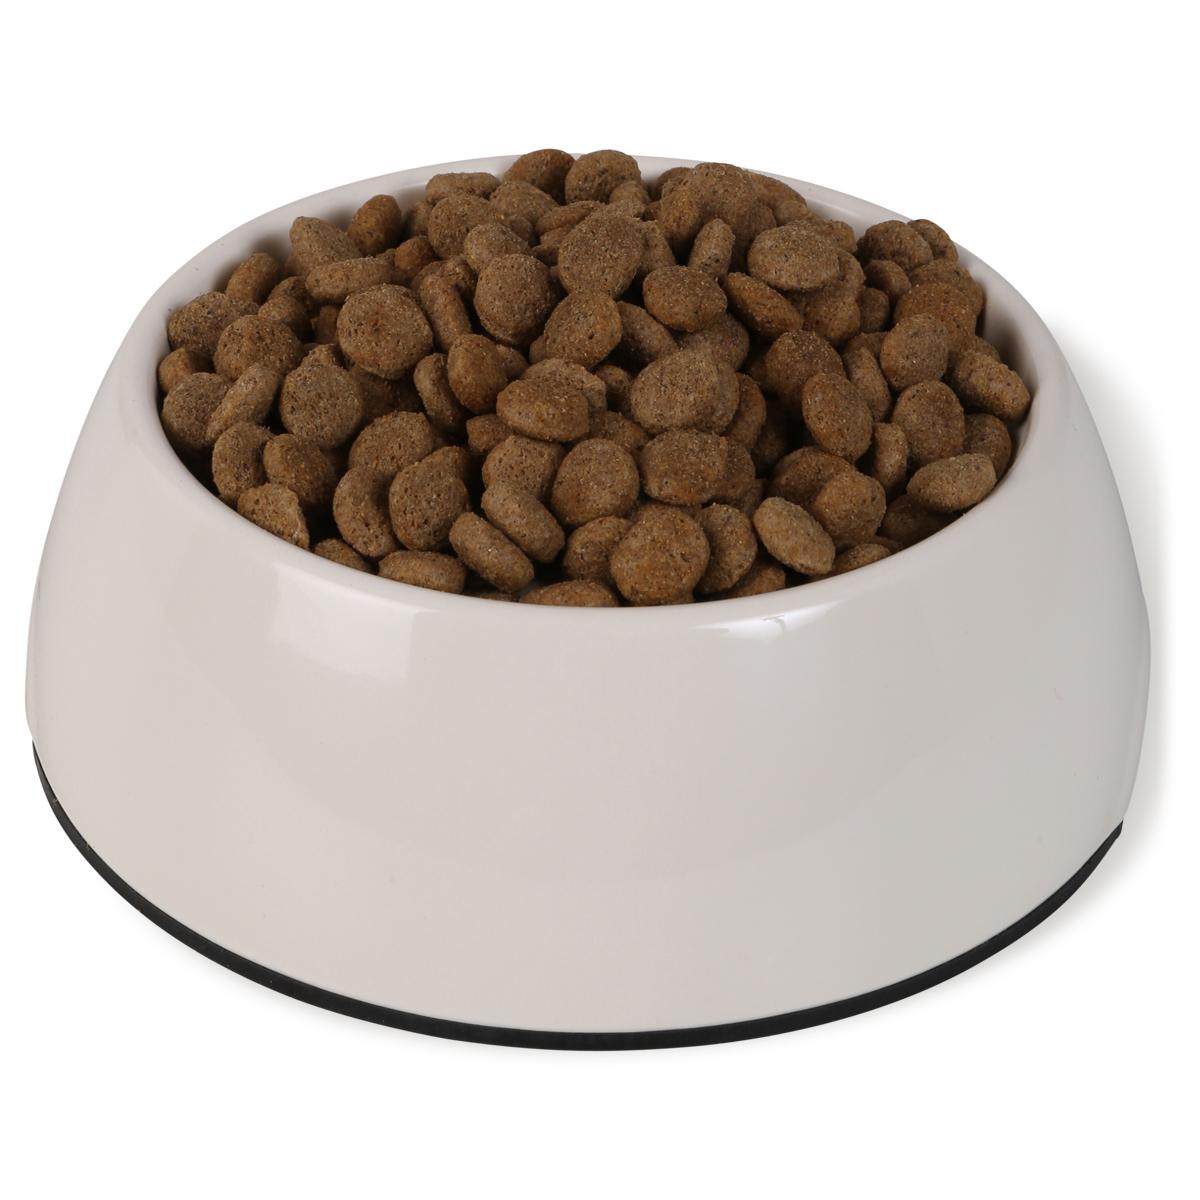 bosch hundefutter light g nstig kaufen bei zooroyal. Black Bedroom Furniture Sets. Home Design Ideas